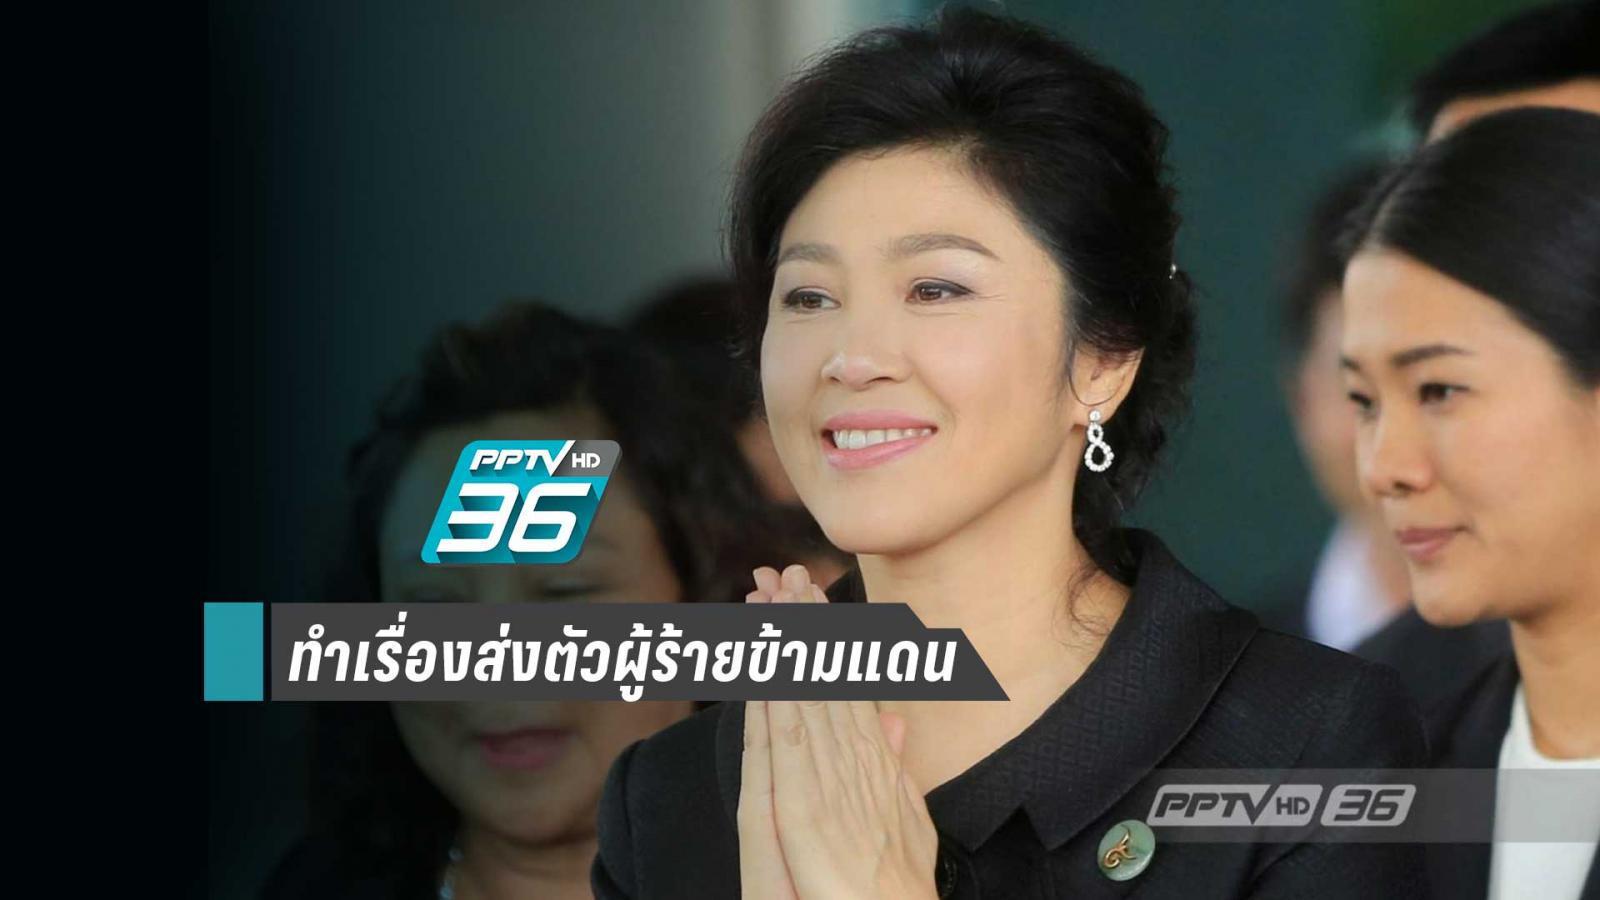 """อัยการคดีต่างประเทศเล็งขอให้เซอร์เบียส่ง """"ยิ่งลักษณ์"""" กลับไทย"""